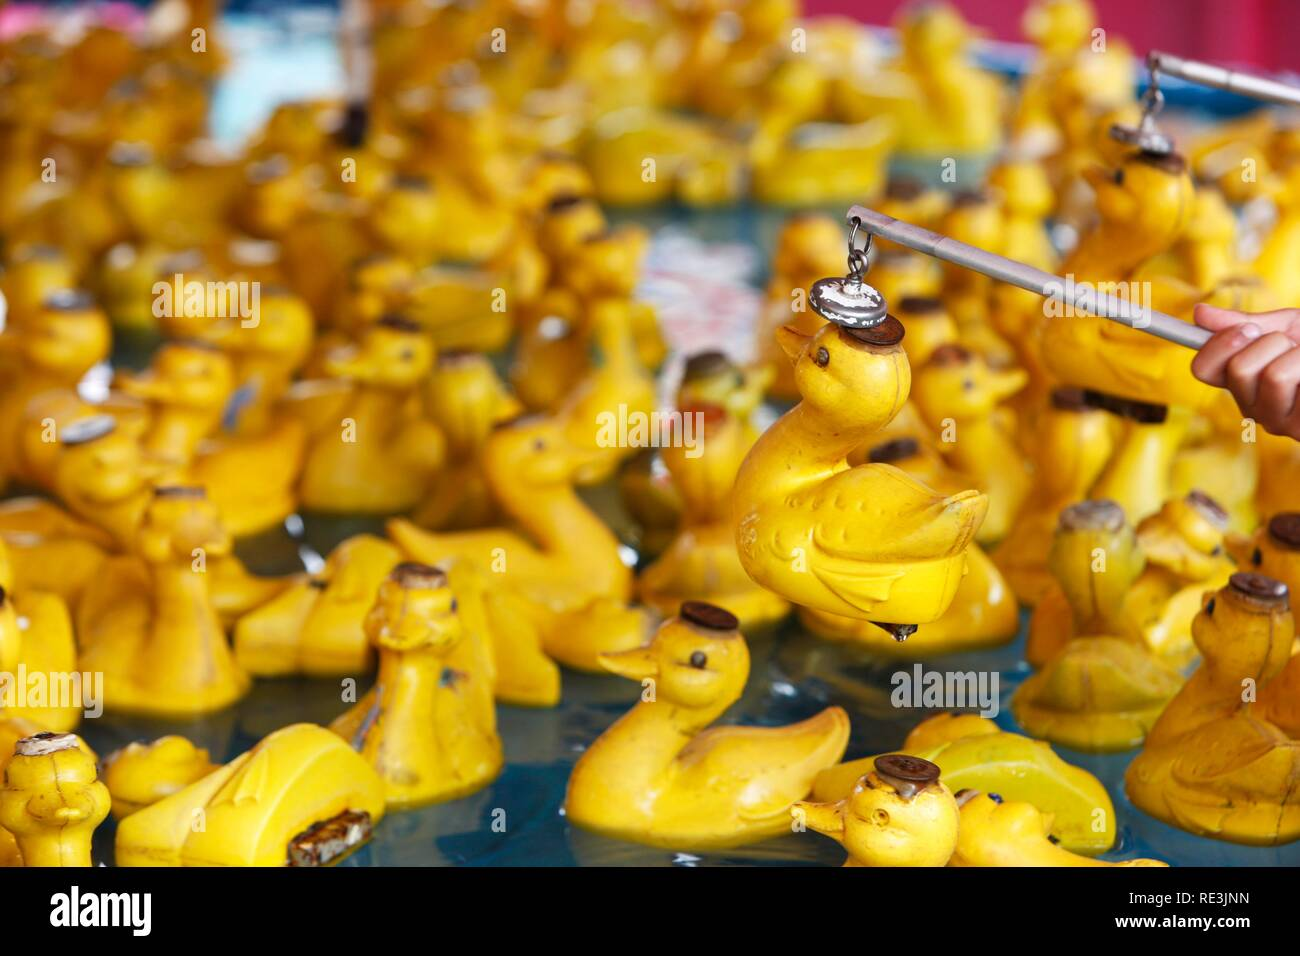 Tenta la fortuna di catturare Anatra grande festa giocattolo per bambini Hook-A-GIOCO DI ANATRA